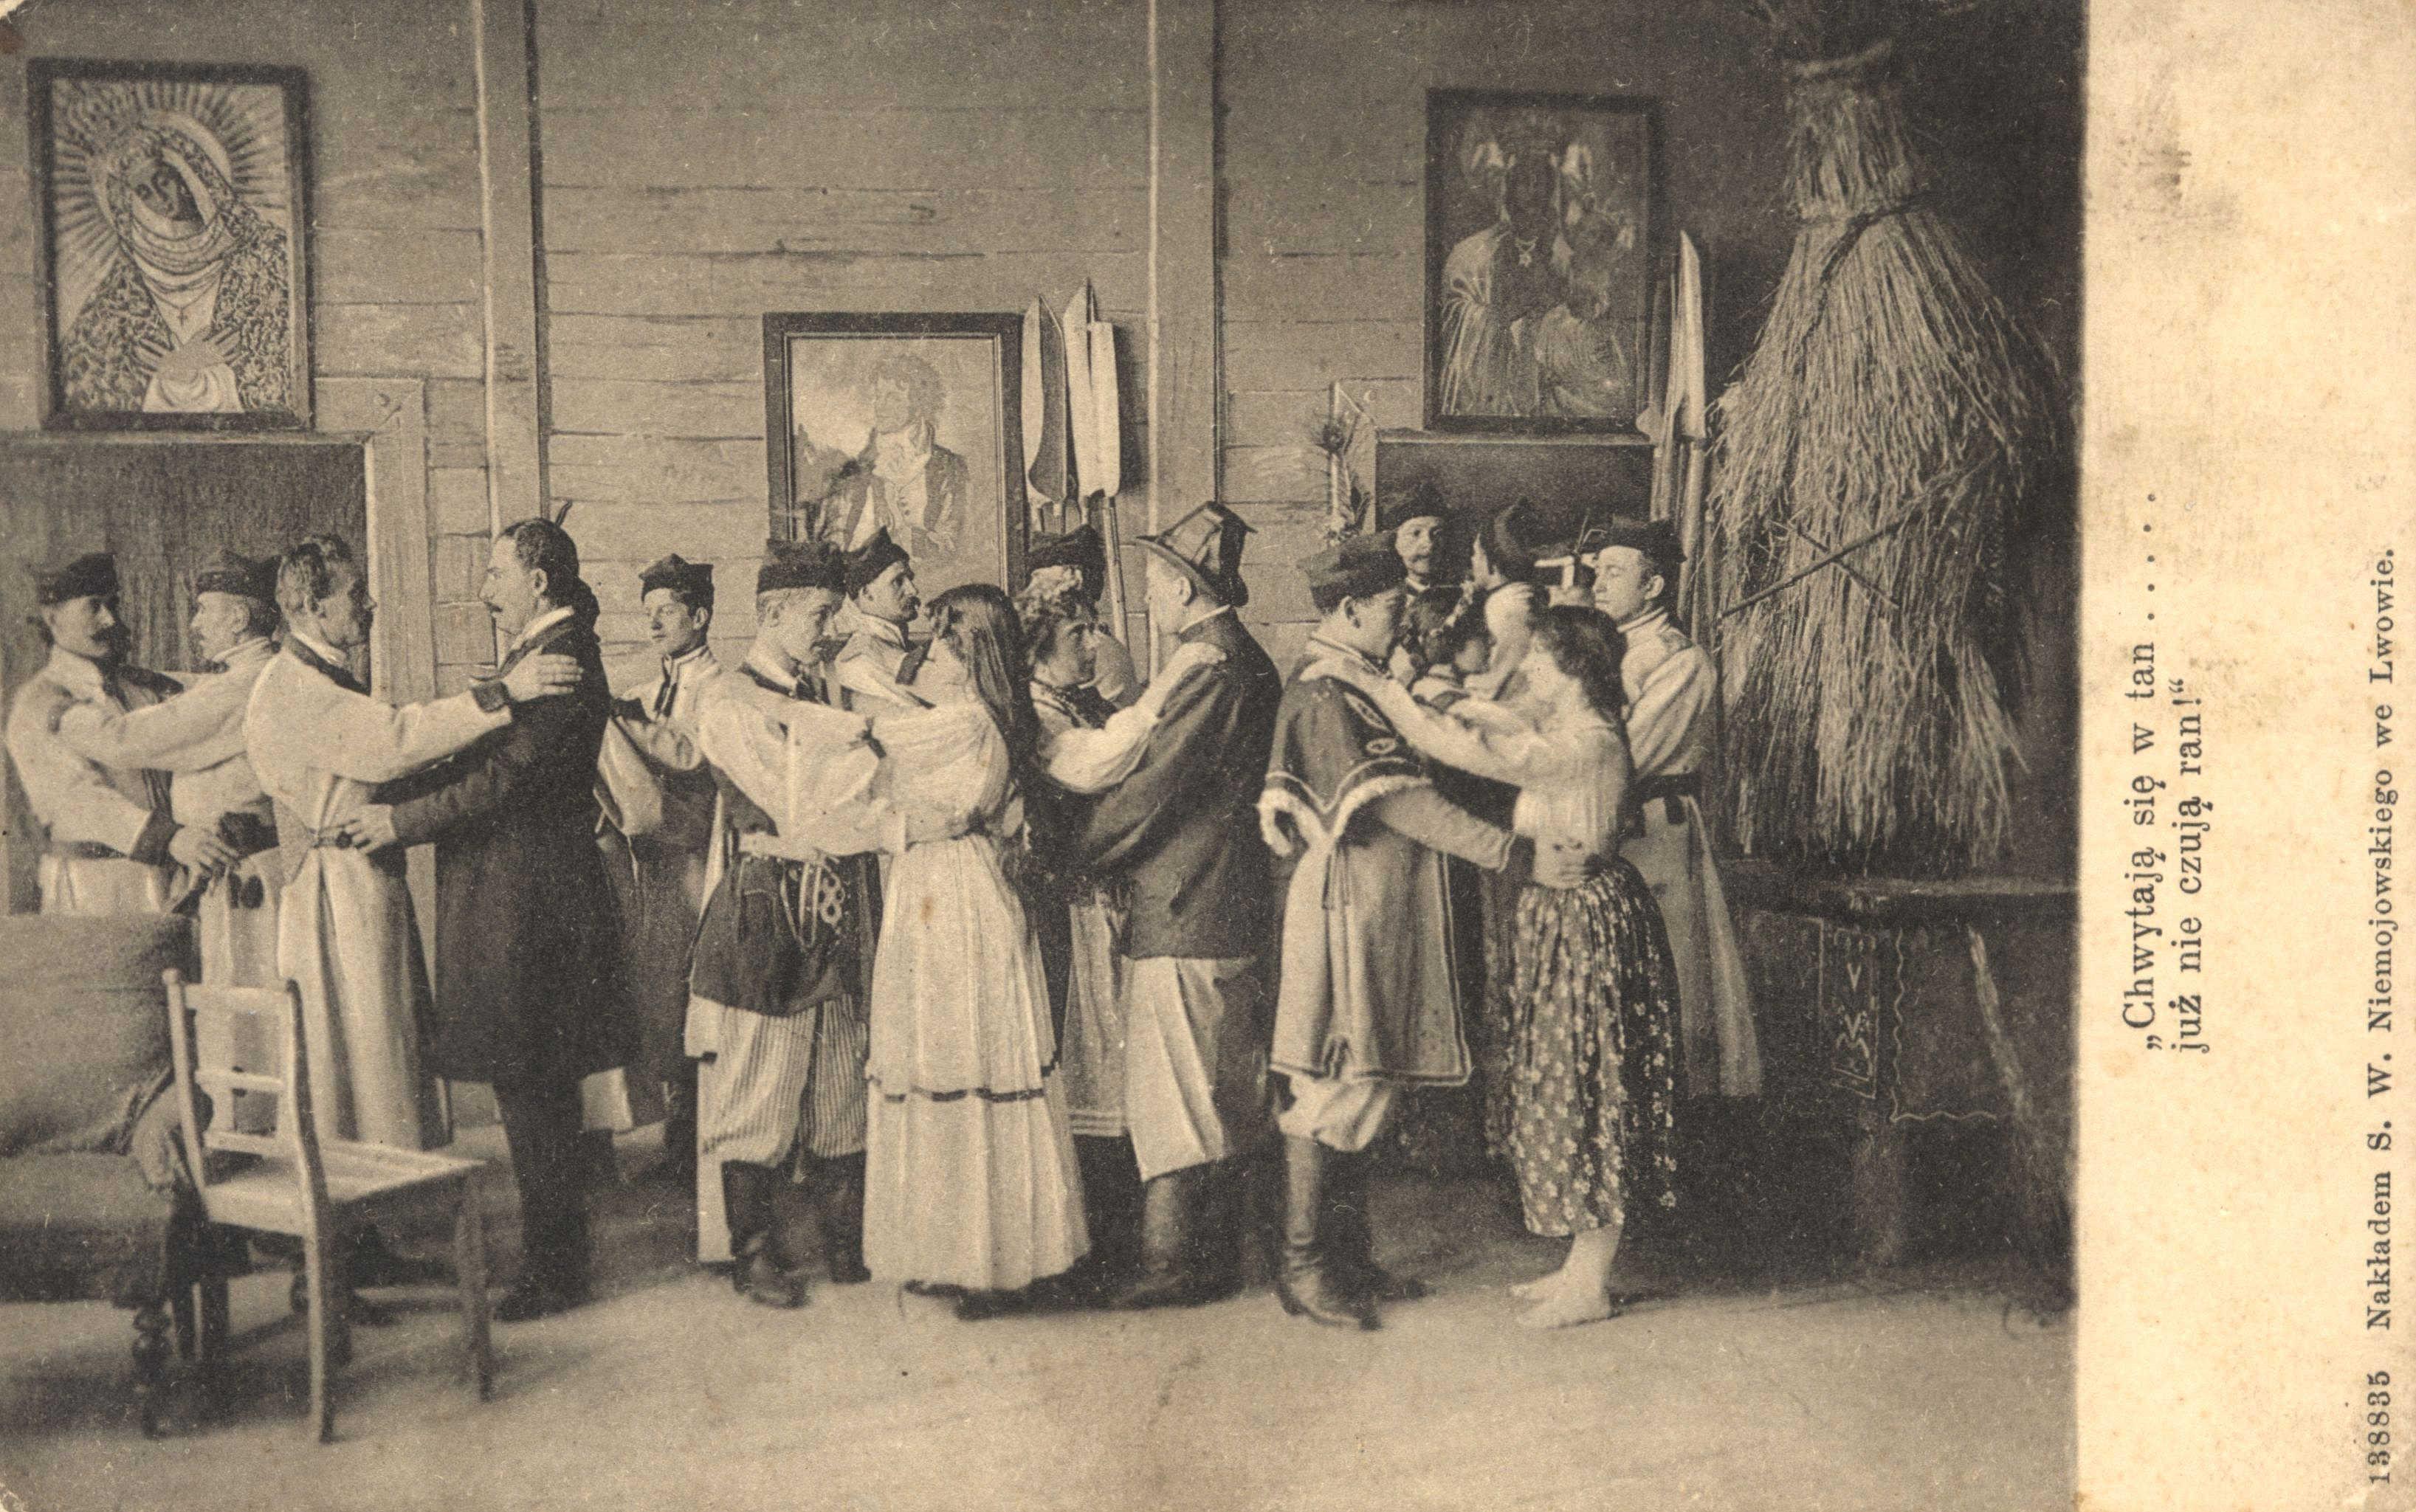 """Pocztówka, """"Wesele"""" wg Stanisława Wyspiańskiego, ok. 1915 roku, źródło: Lubelska Biblioteka Cyfrowa"""